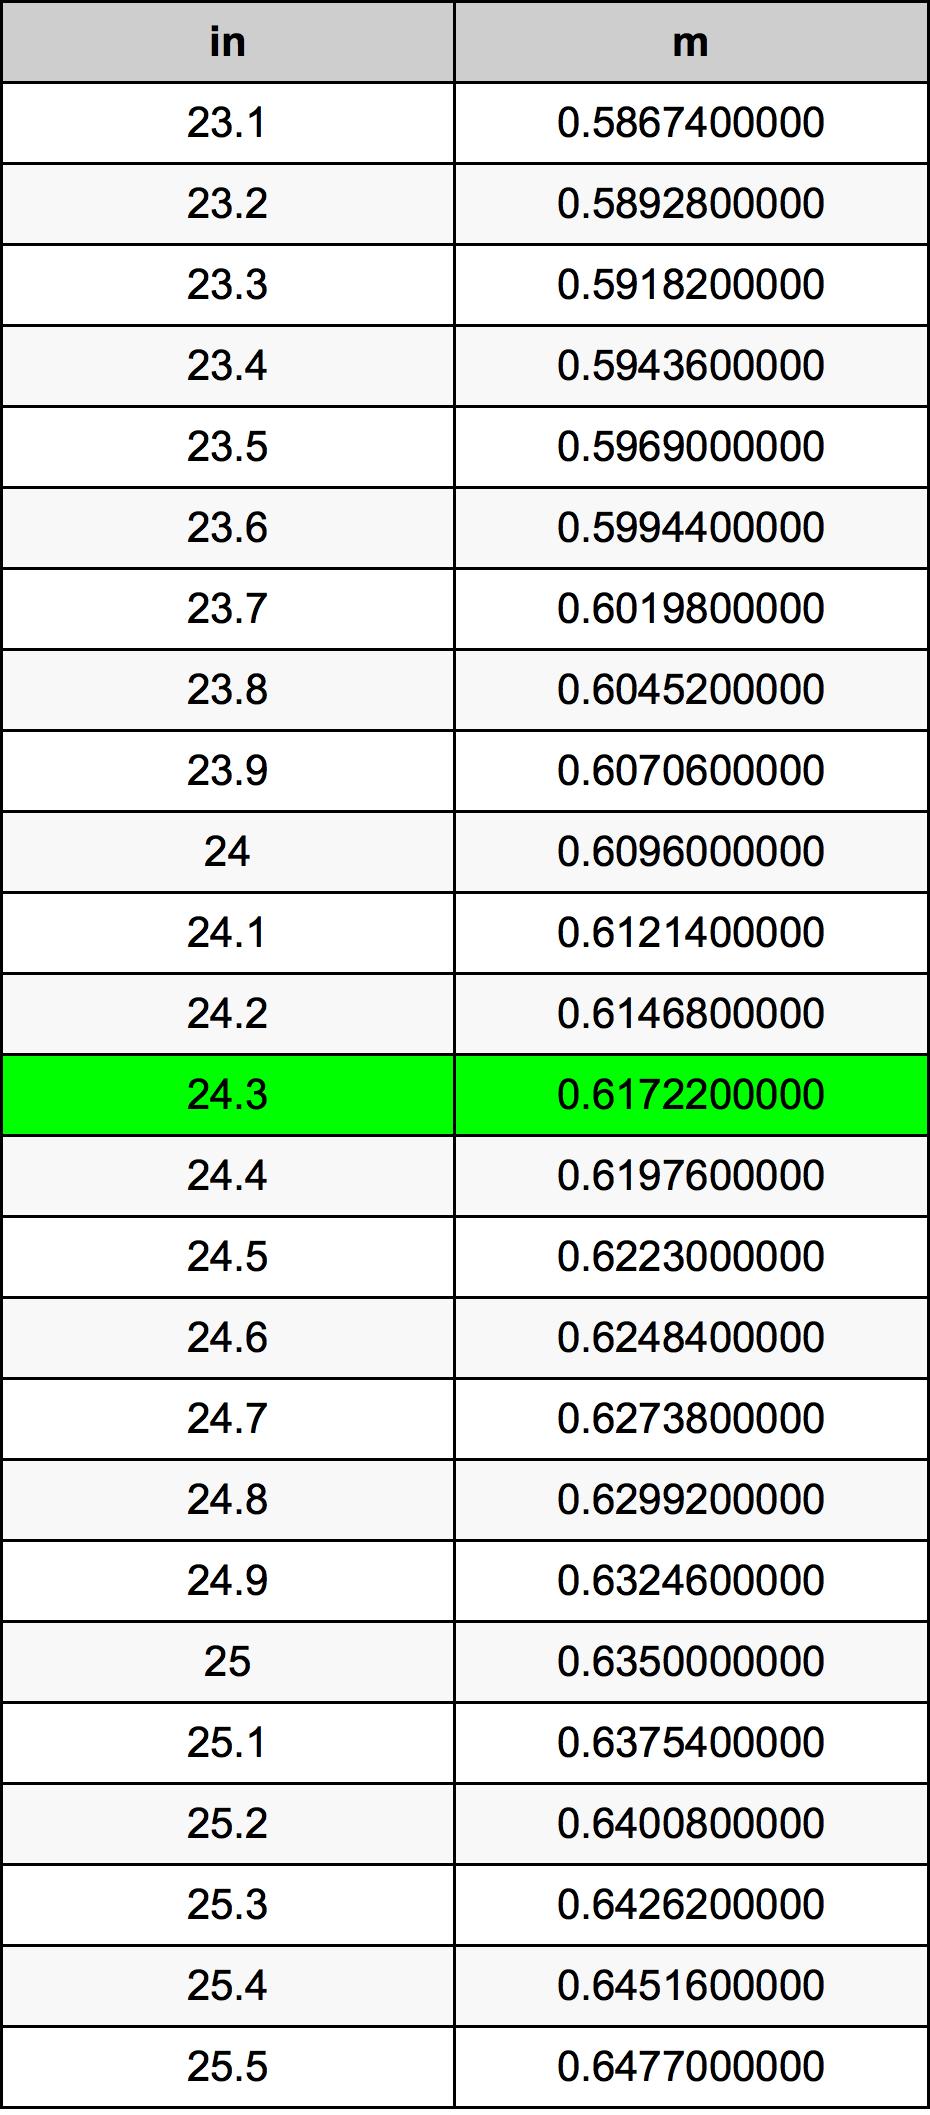 24.3 инч Таблица за преобразуване